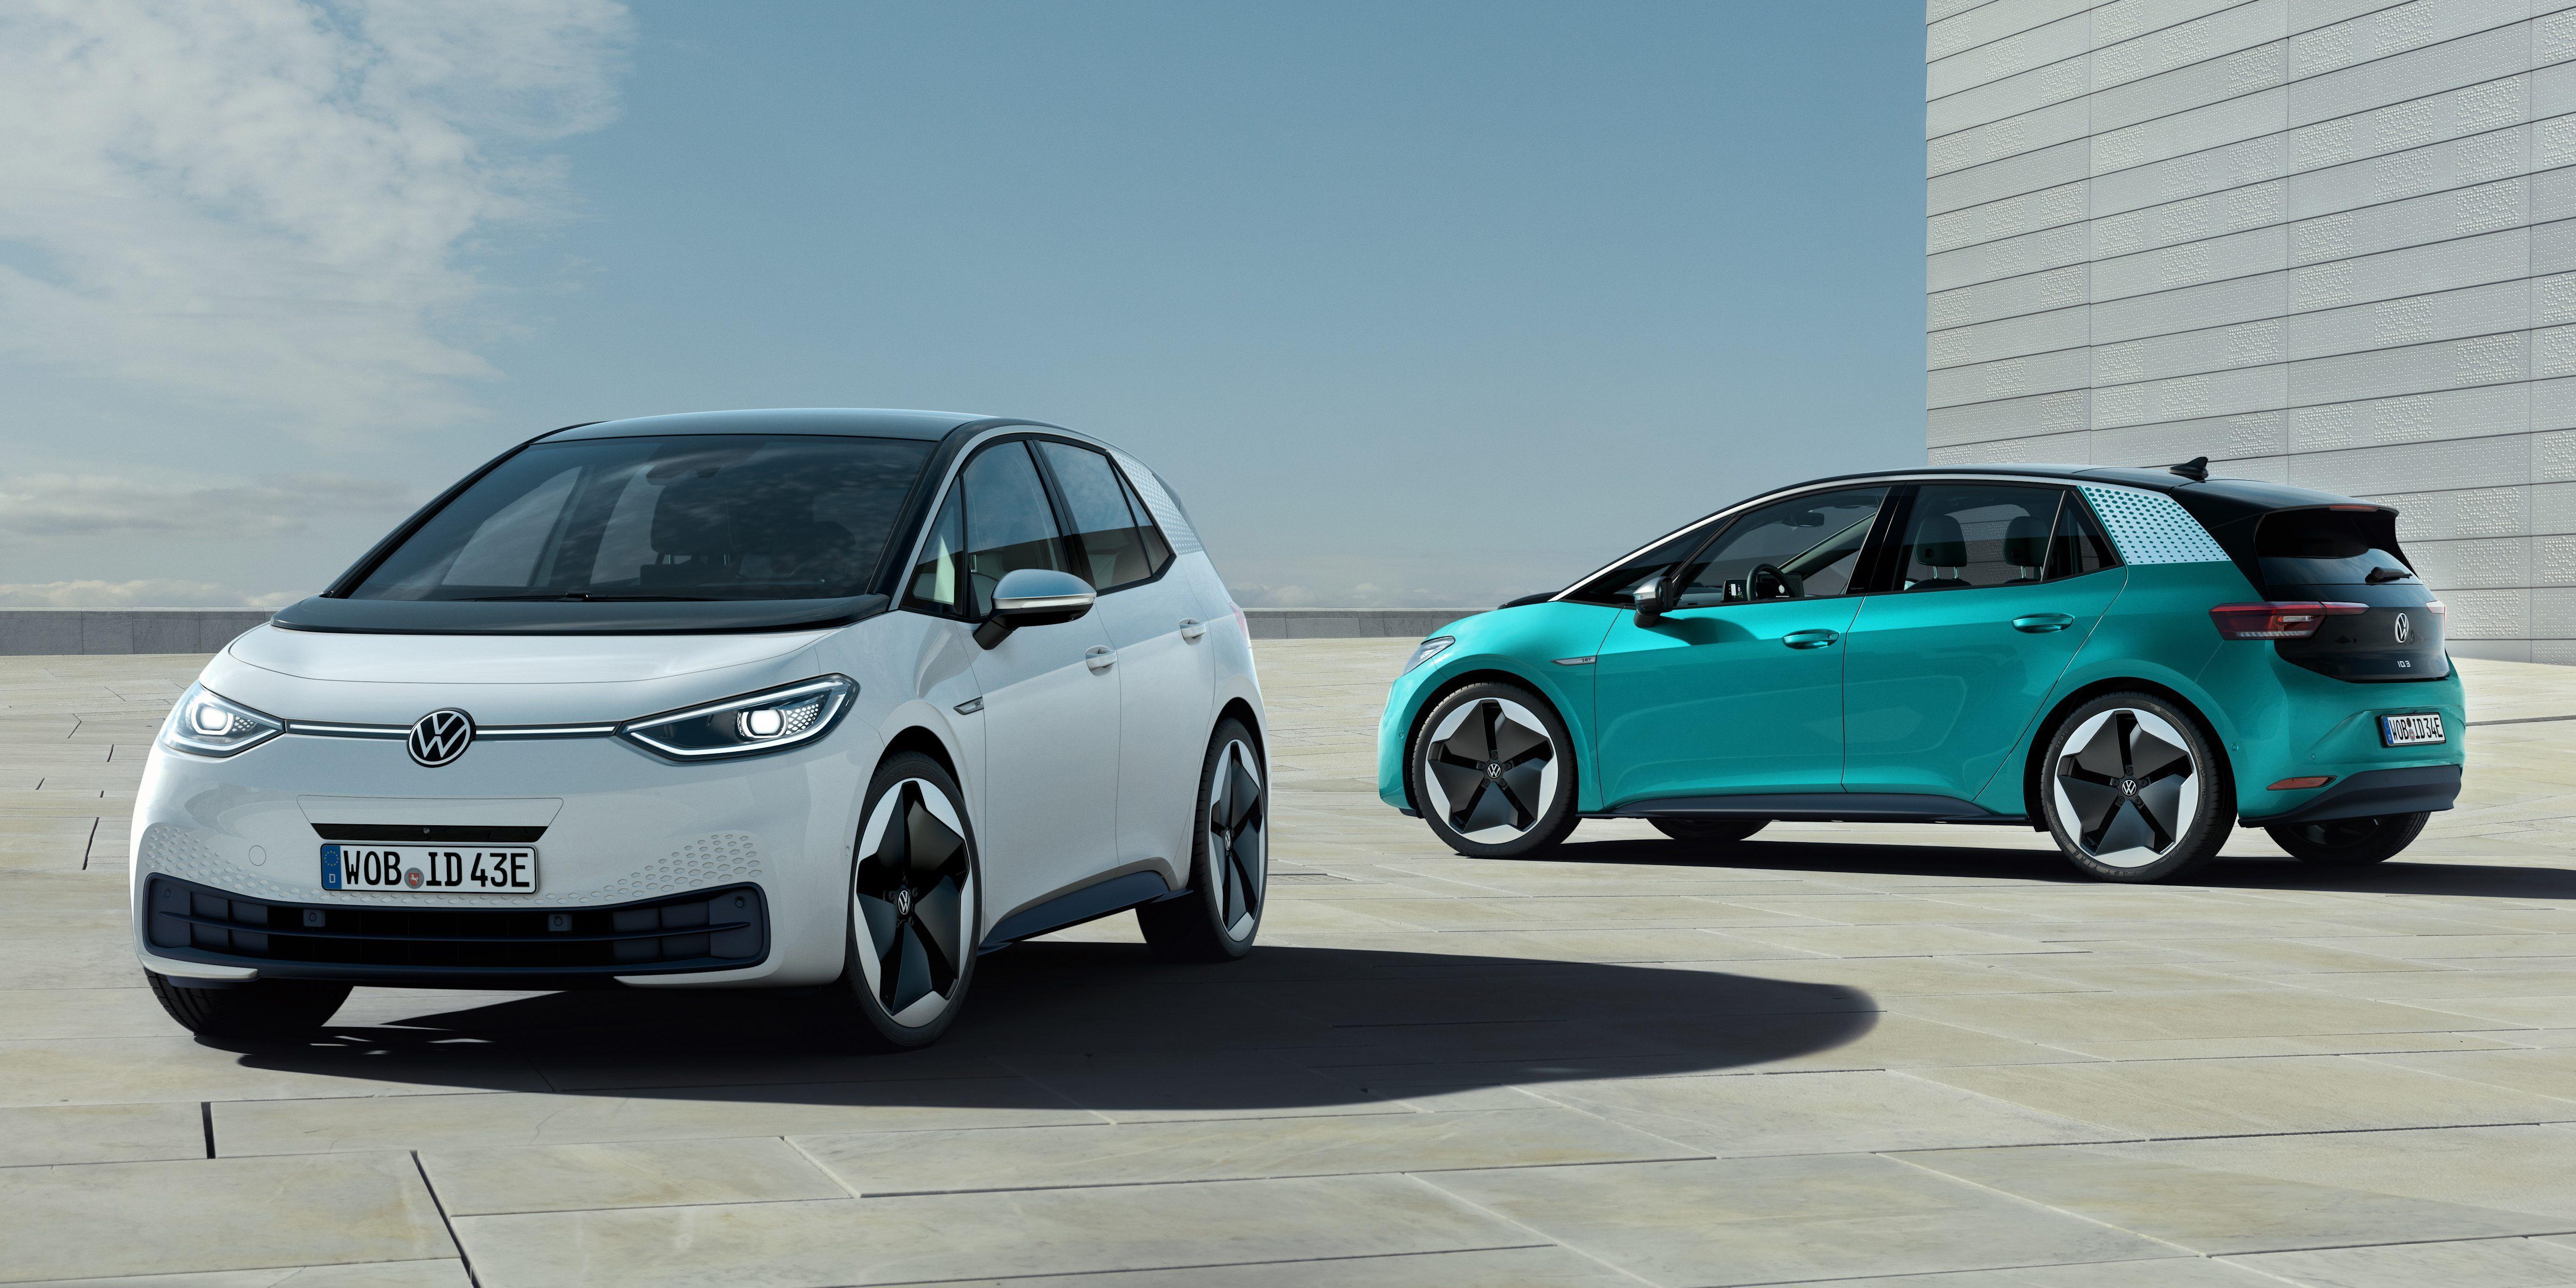 Volkswagen_ID3